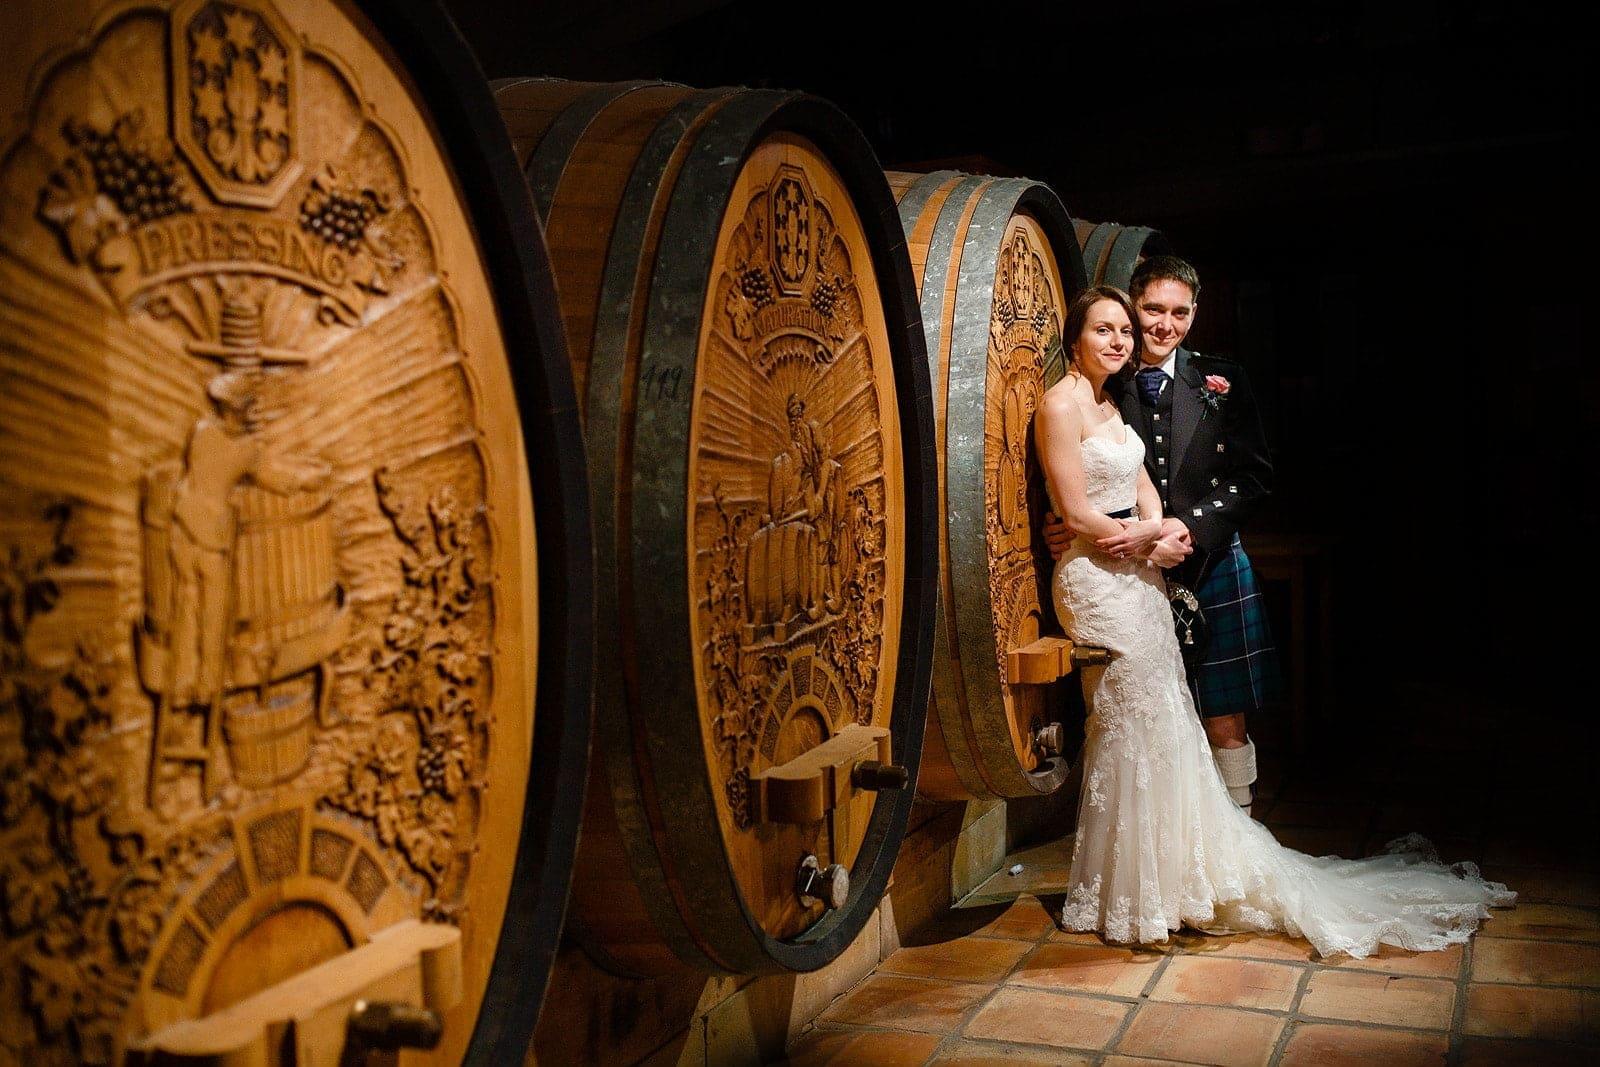 Denbies Wine Estate wedding | Just One